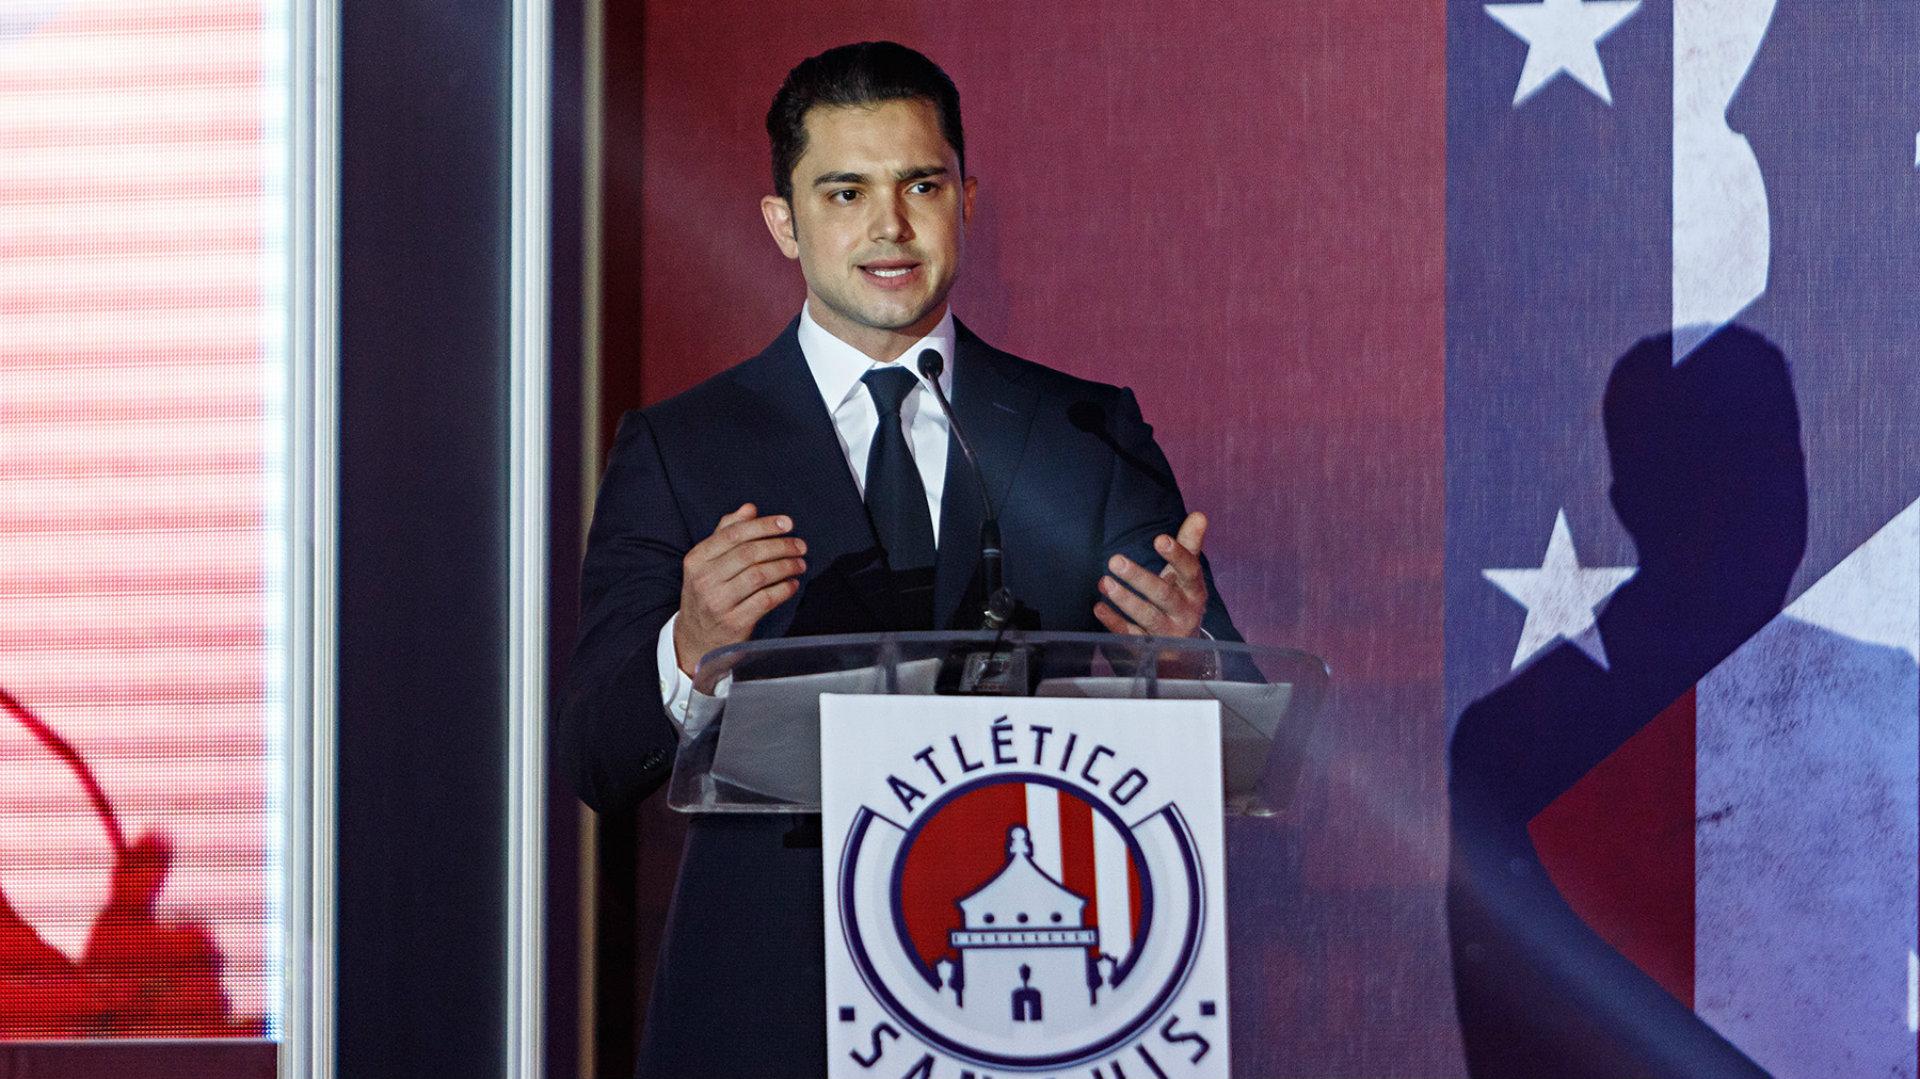 Alberto Marrero respalda la cancelación del Clausura 2020 y felicita a la Liga Mx por concluir anticipadamente el torneo